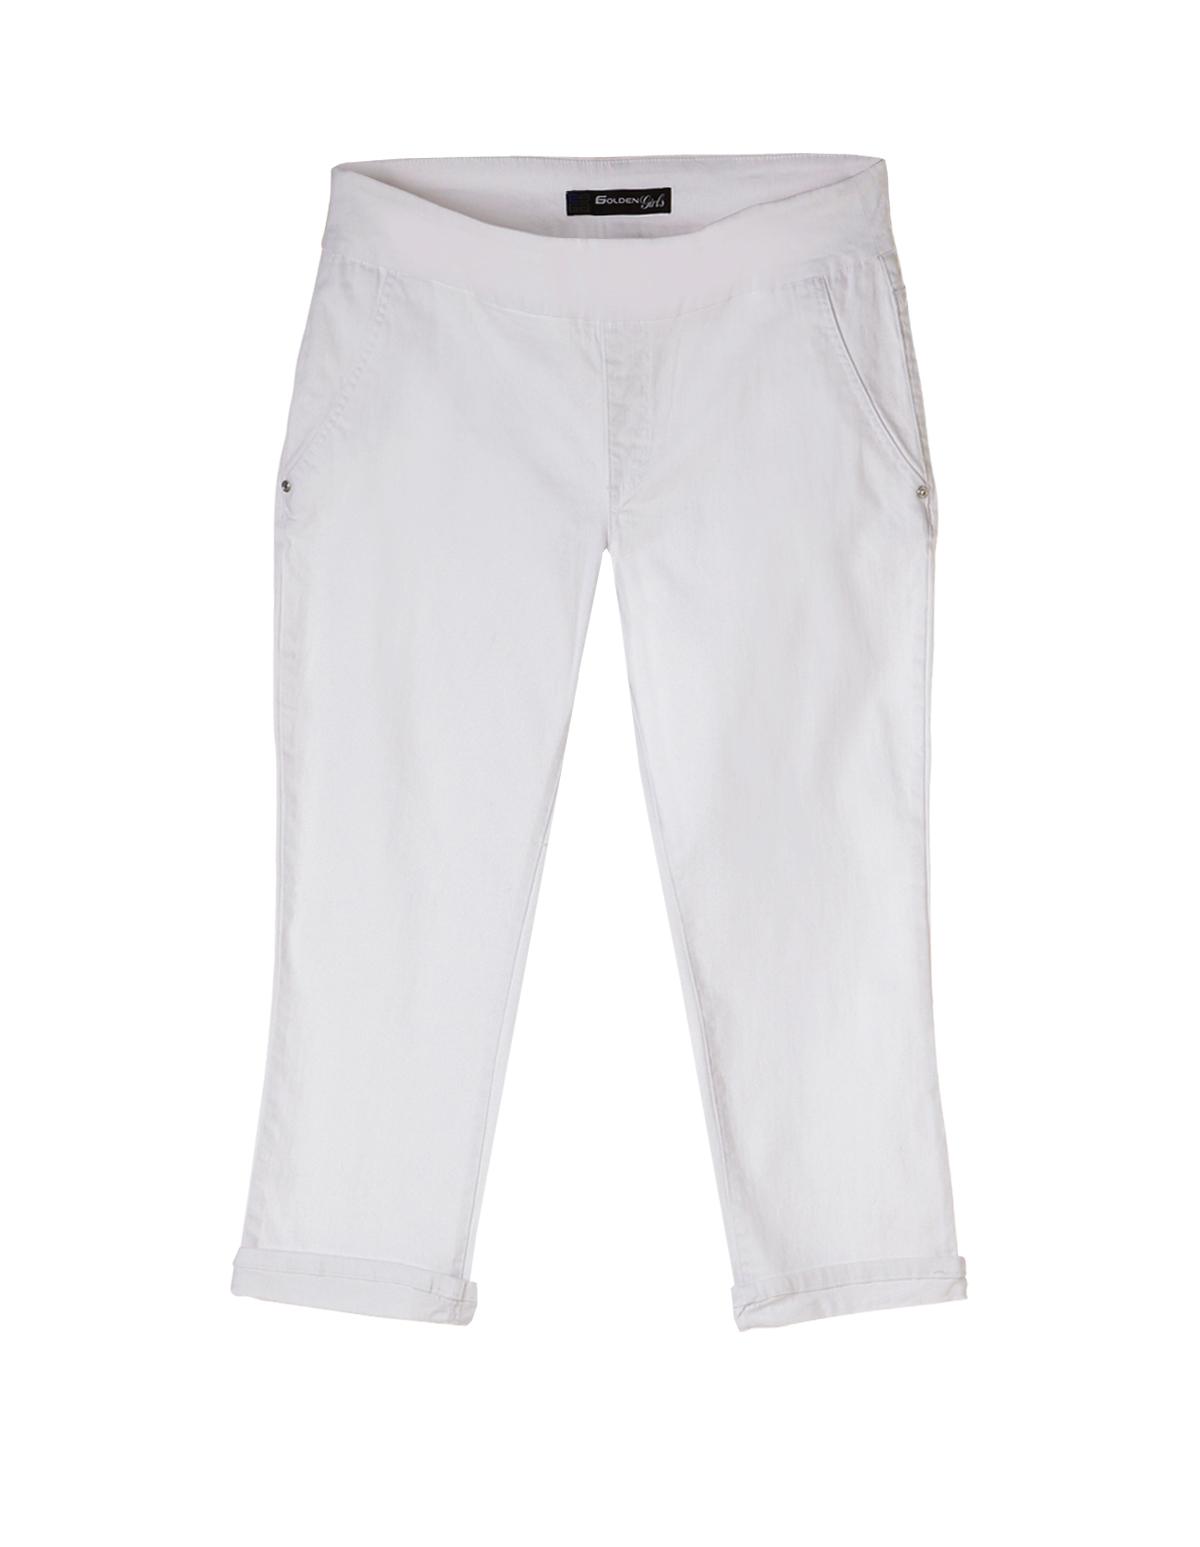 Plus Size White Capri | Cleo